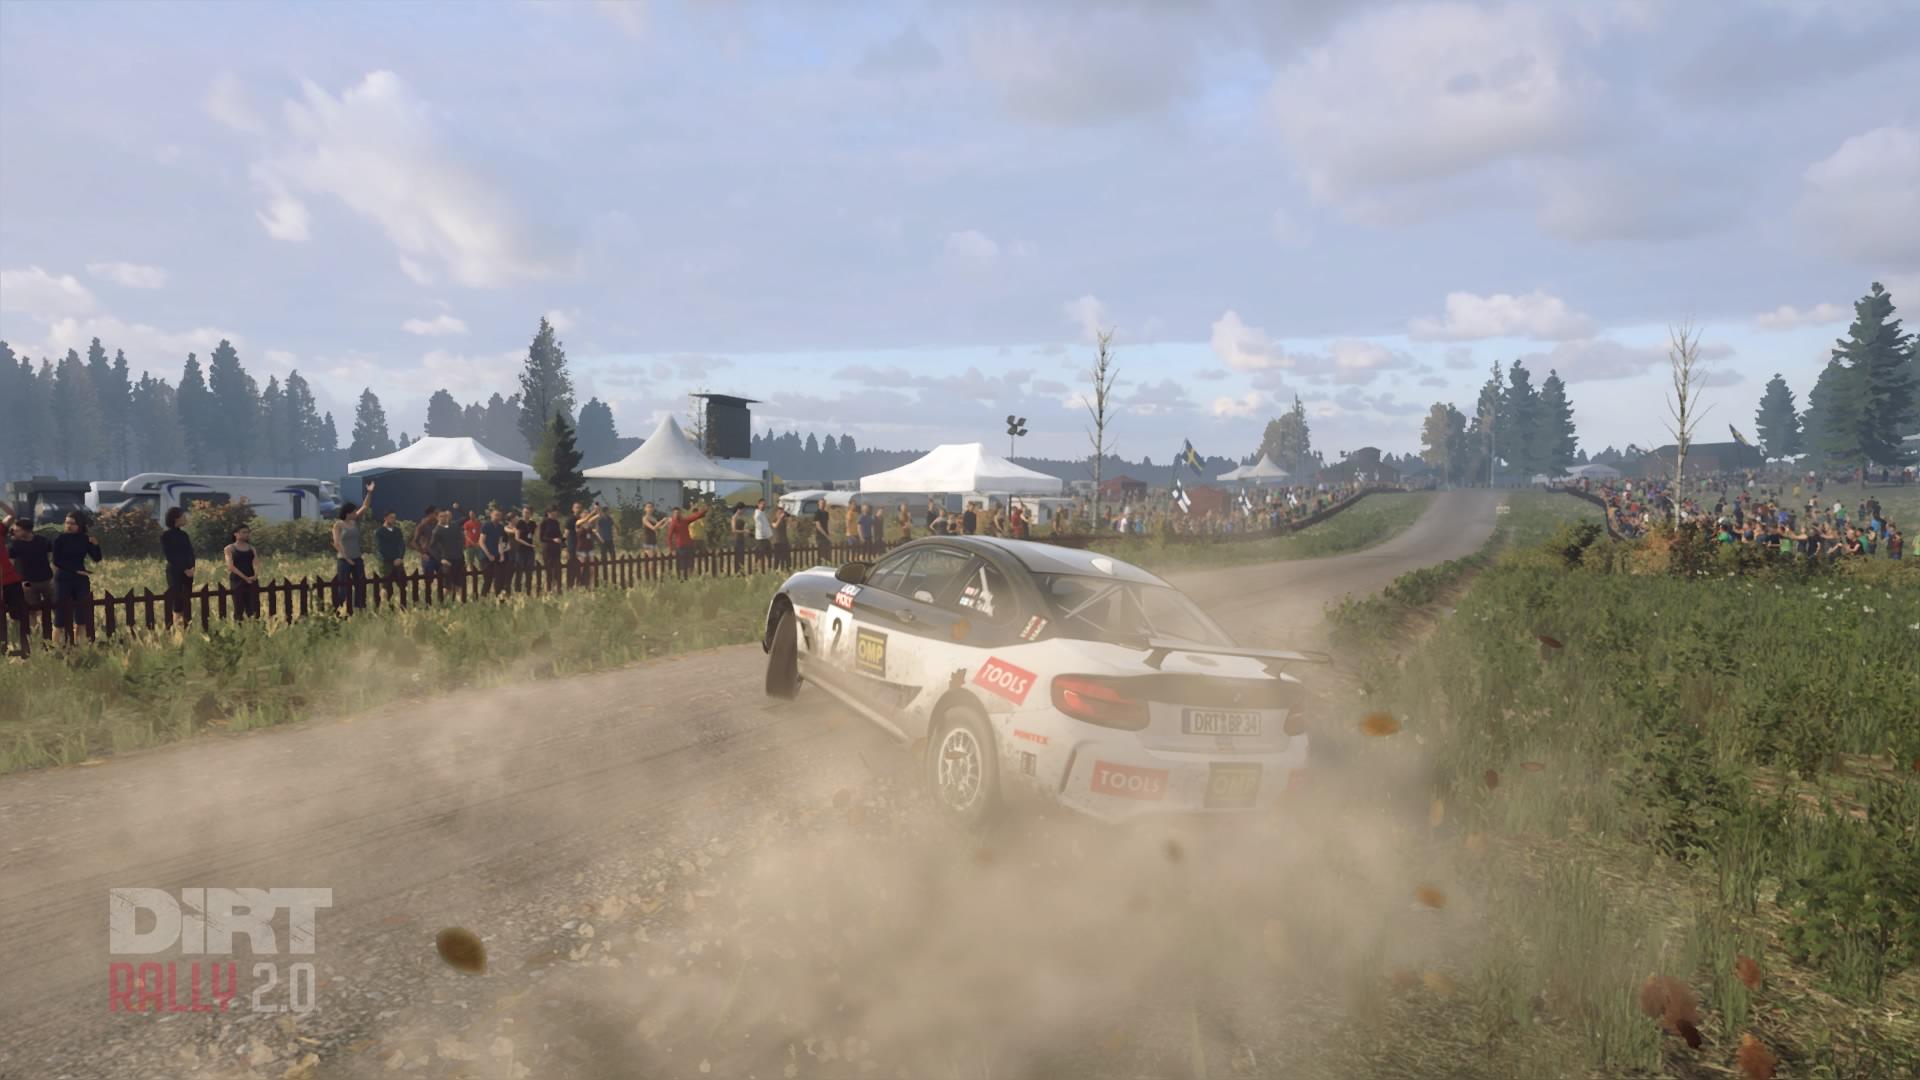 Di-RT-Rally-2-0-20191105025245.jpg